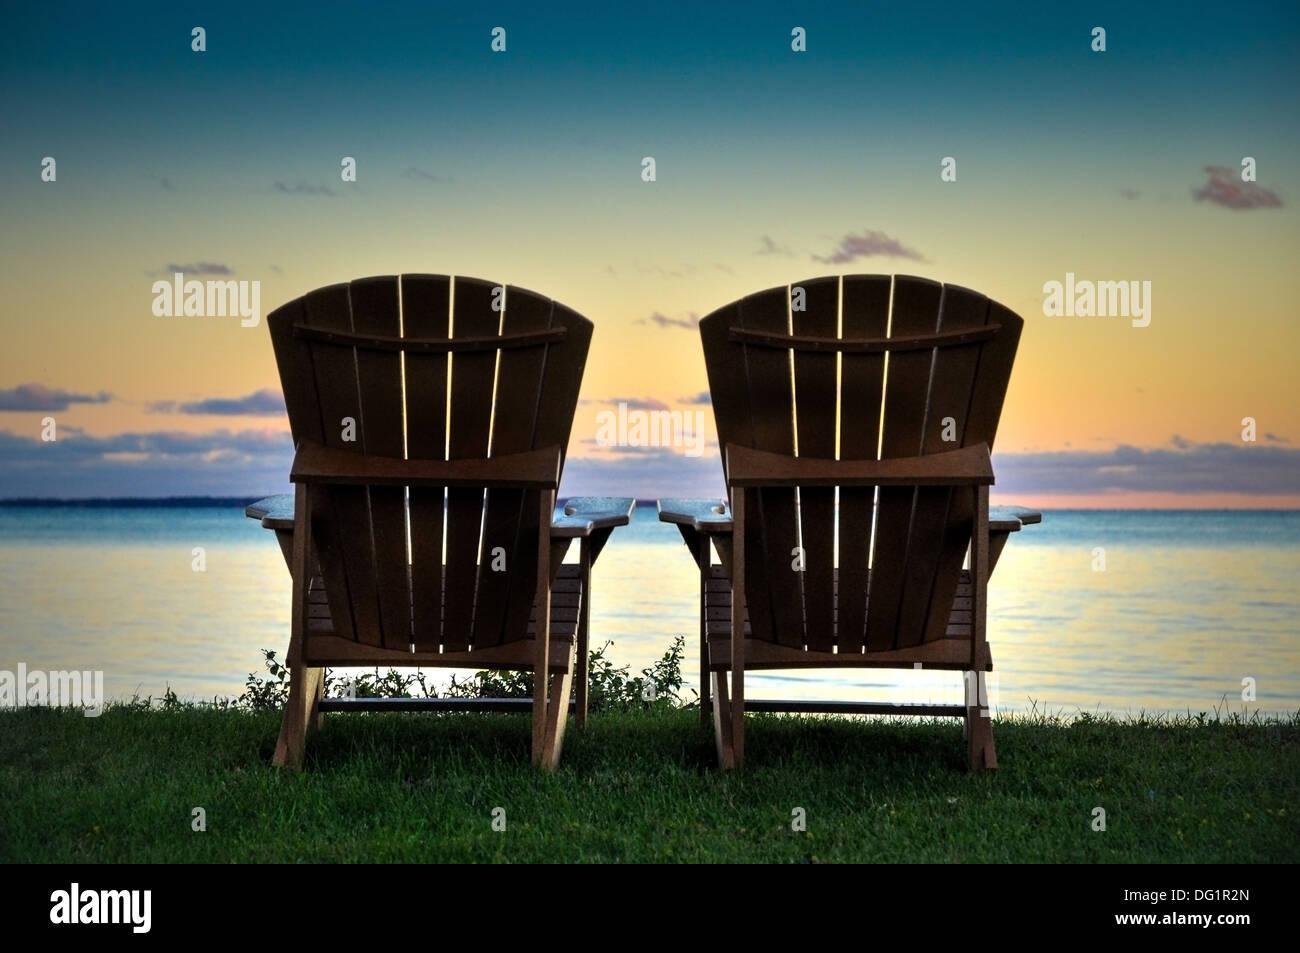 Due poltrone Adirondack sulle rive del lago Ontario New York Stati Uniti d'America Immagini Stock